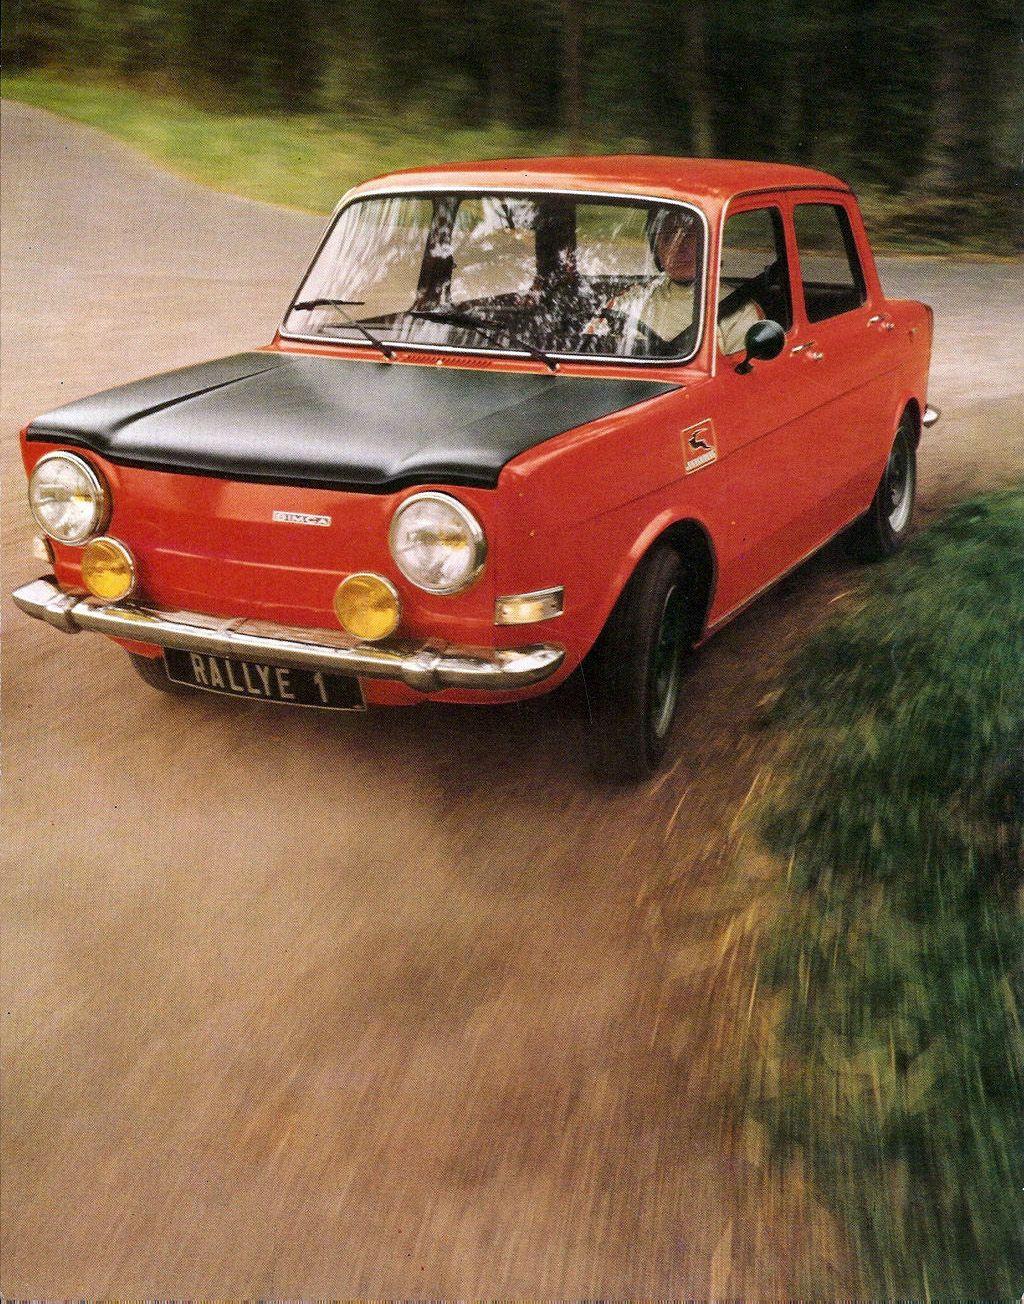 Simca 1000 Rallye 1 Gekocht In Het Jaar 1978 Voor 1000 Gulden